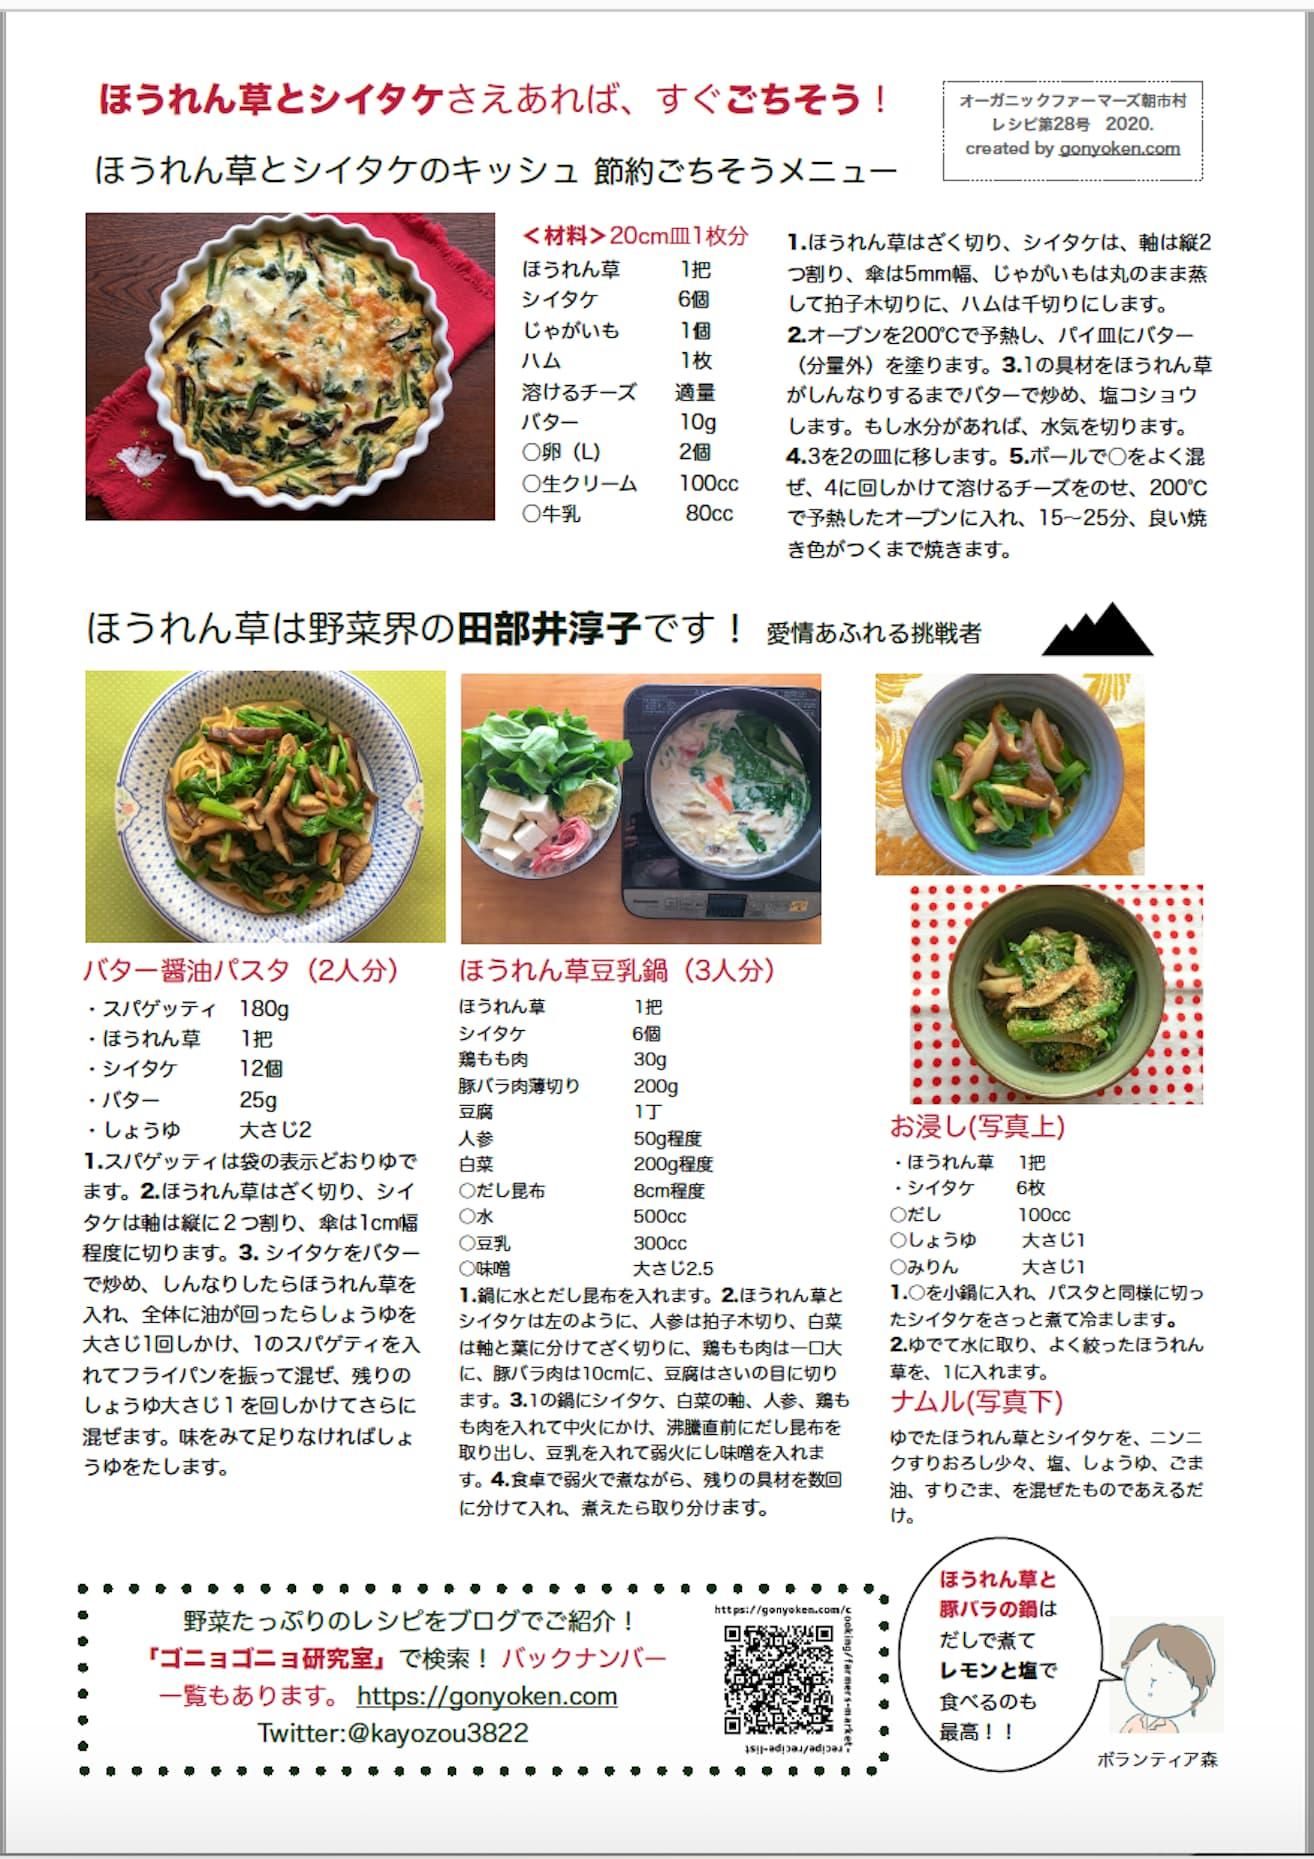 2020年1月ほうれん草とシイタケのレシピ